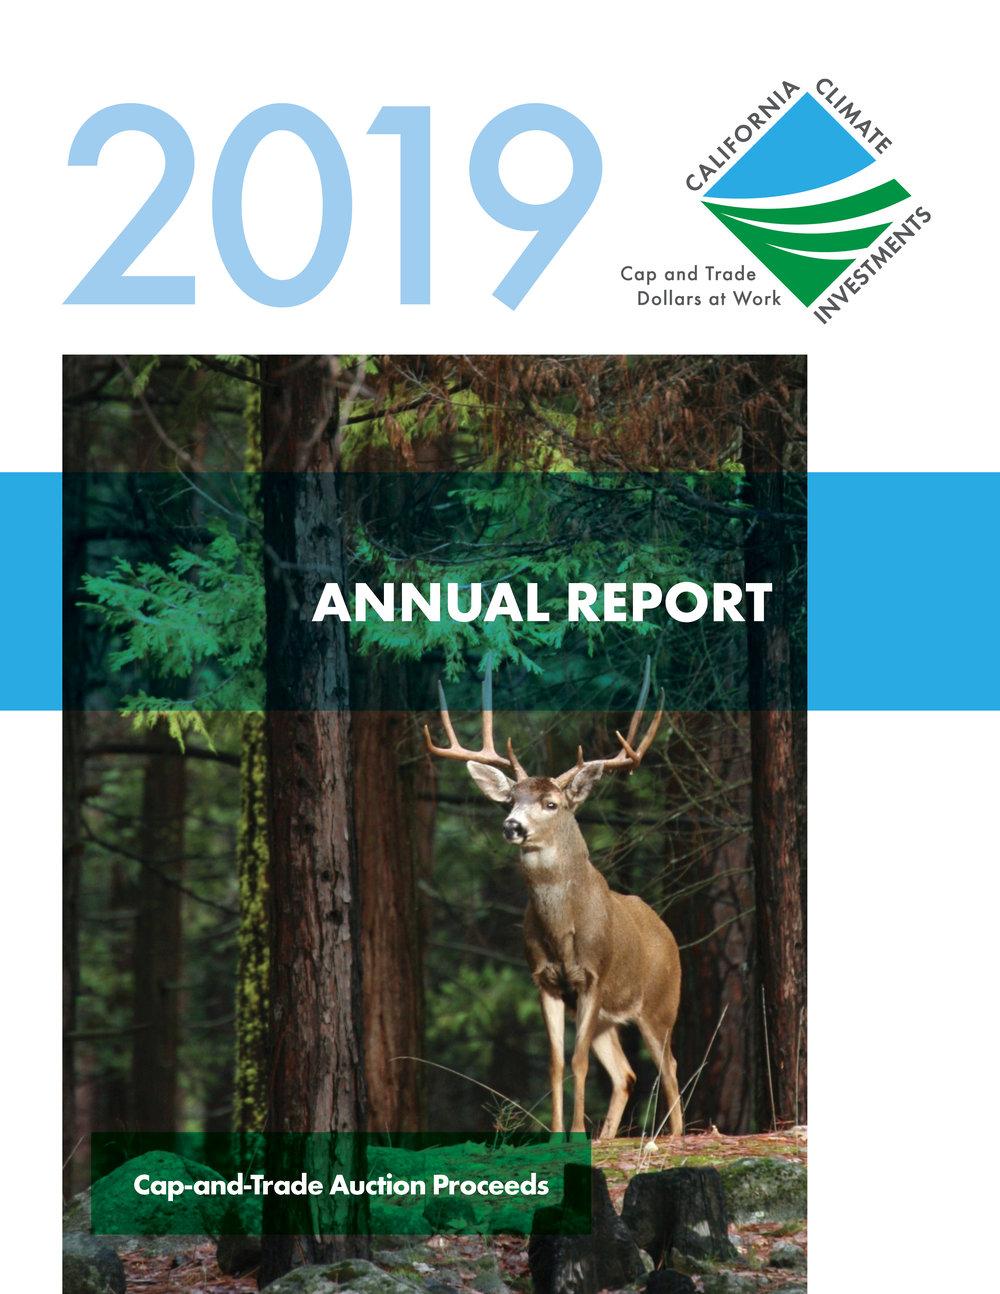 2019_CCI_annual_report_cover.jpg